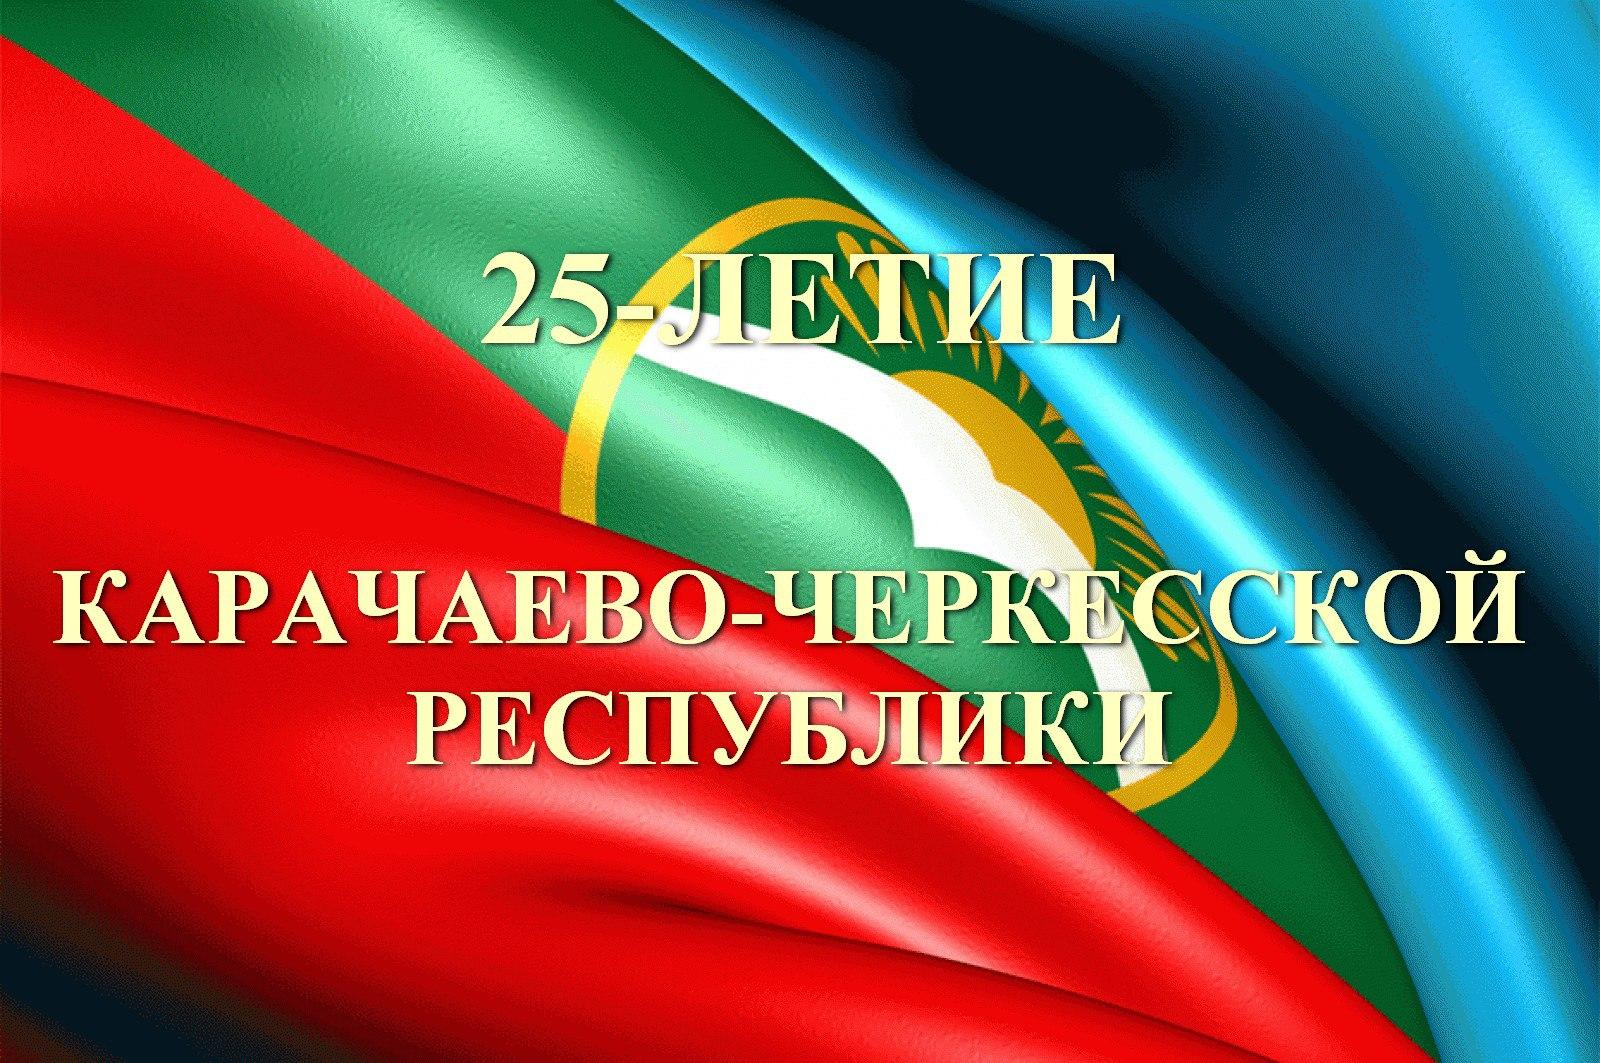 В Зеленчукском районе пройдут праздничные мероприятия посвященные 25-летию образования КЧР